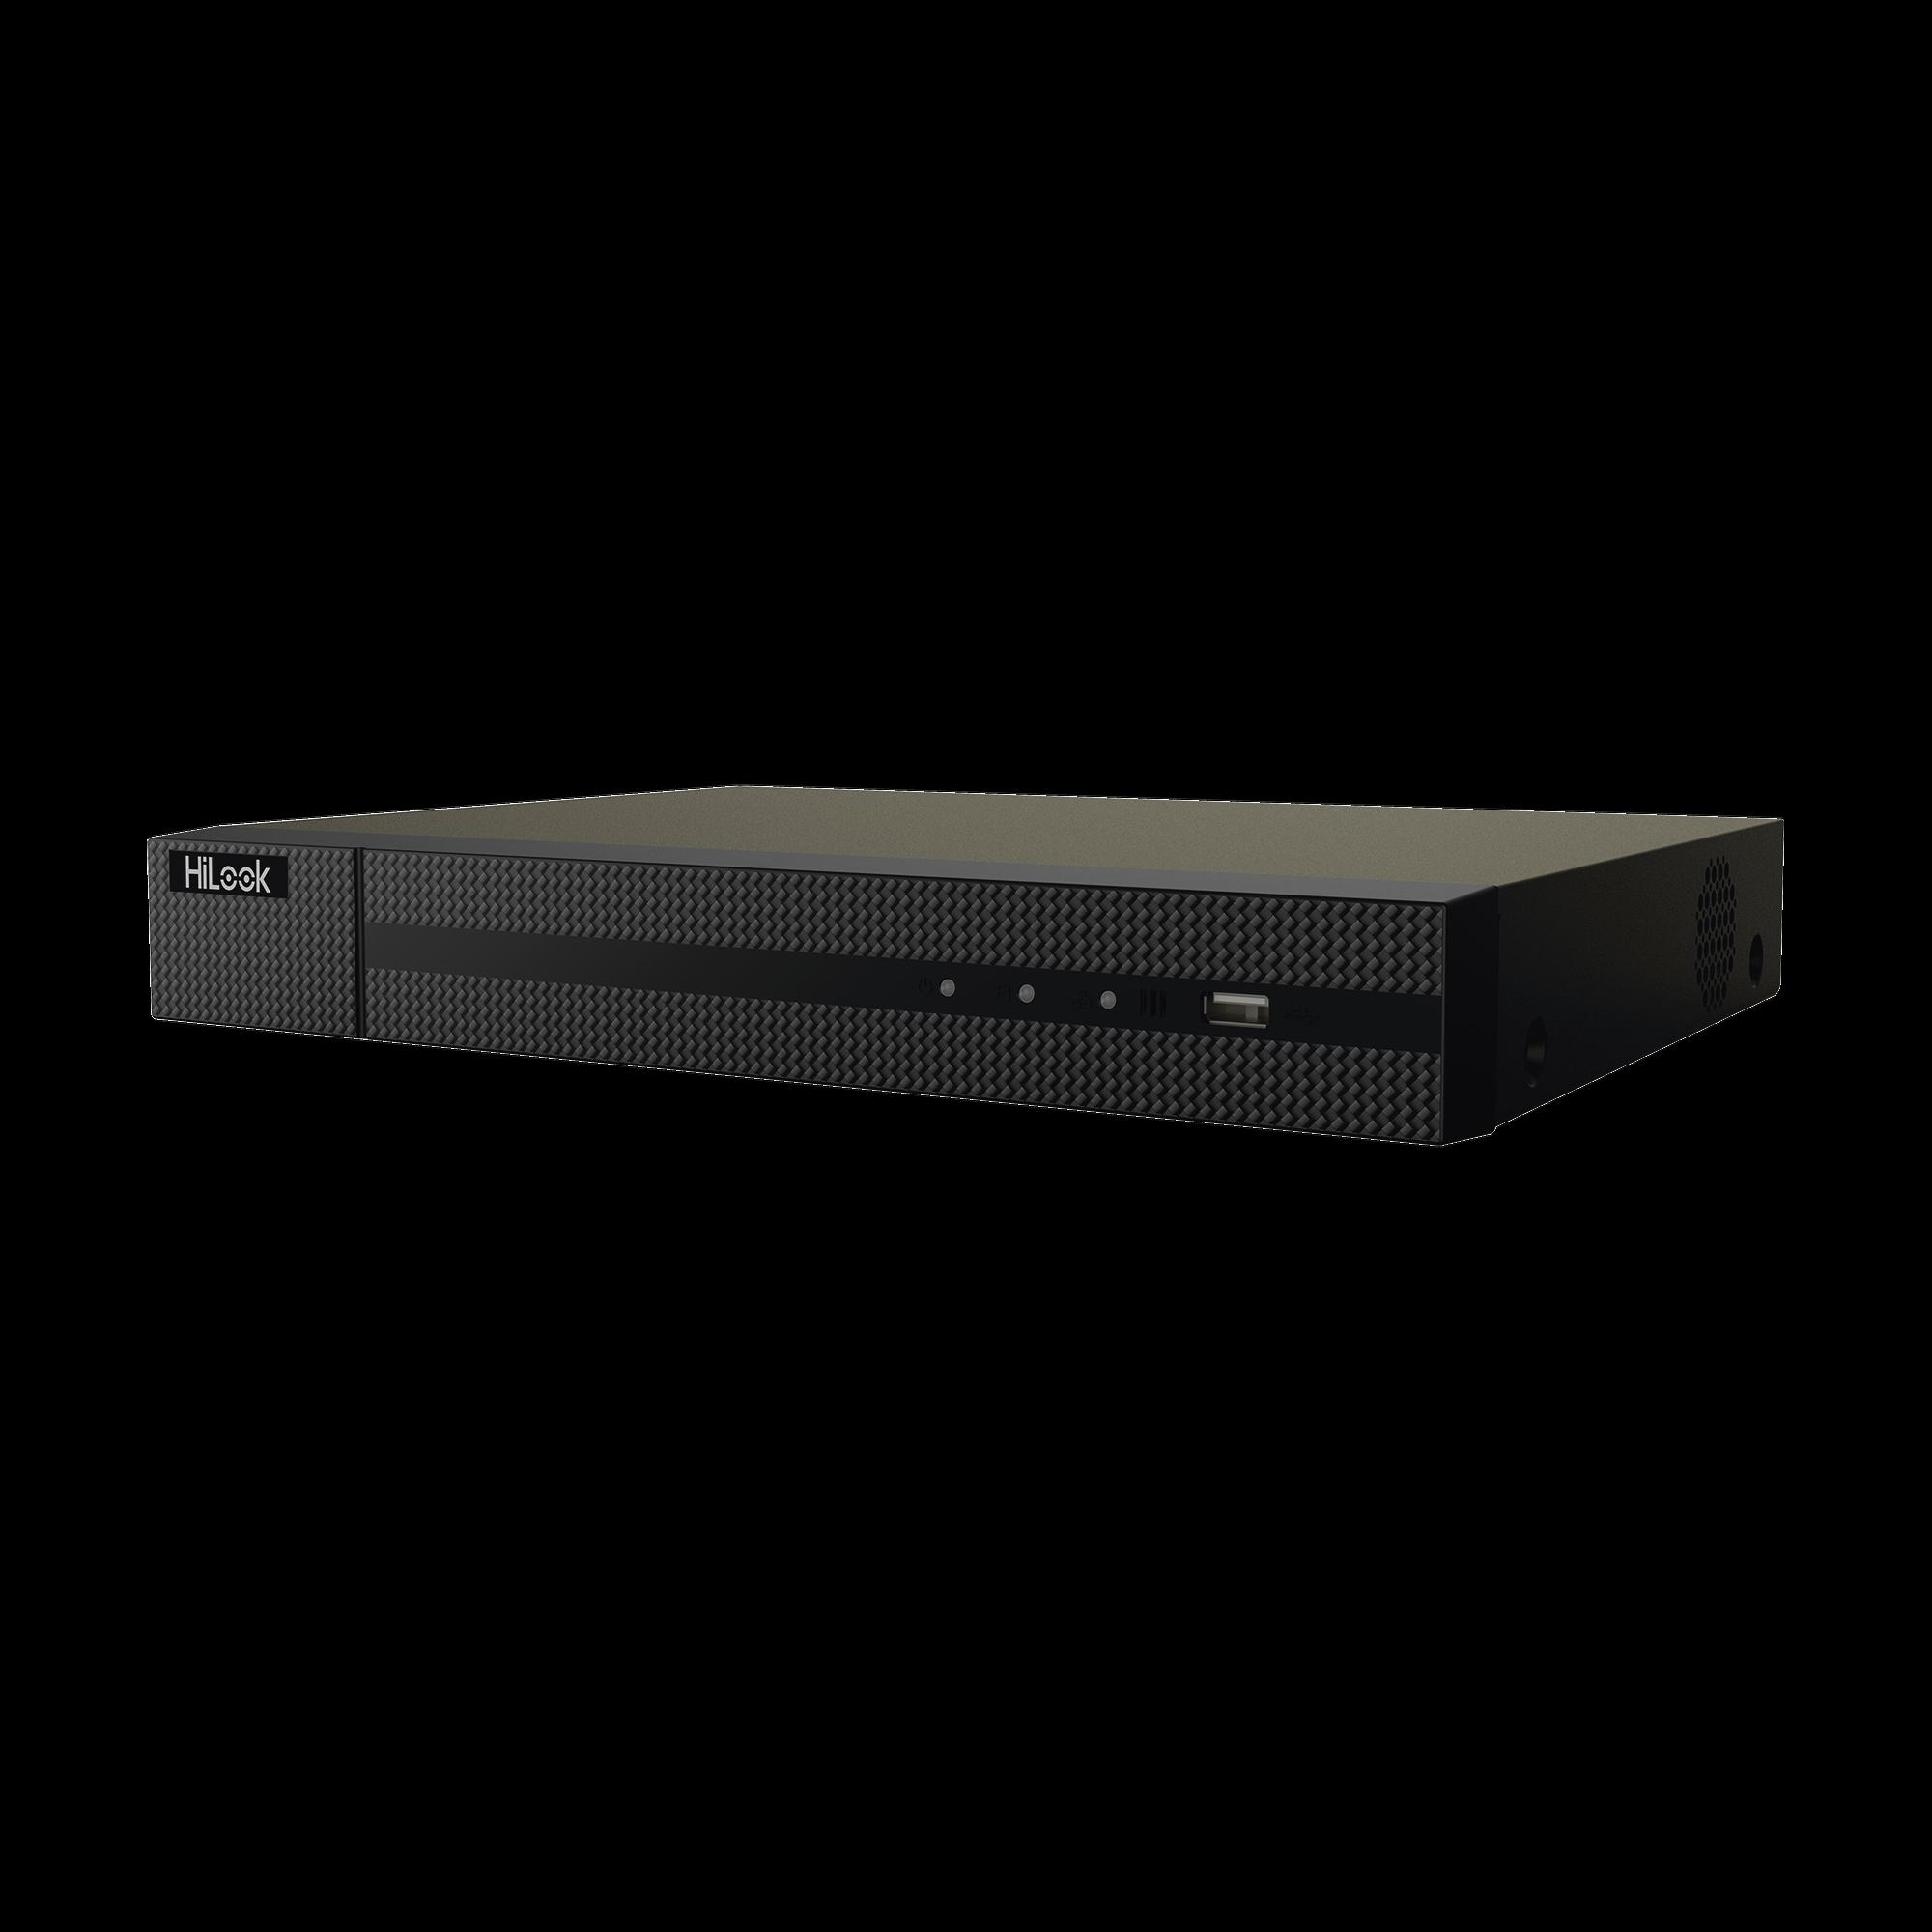 NVR 8 Megapixel (4K) / 8 Canales IP / 8 Puertos PoE+ / 1 Bahía de Disco Duro / HDMI en 4K / Videoanaliticos